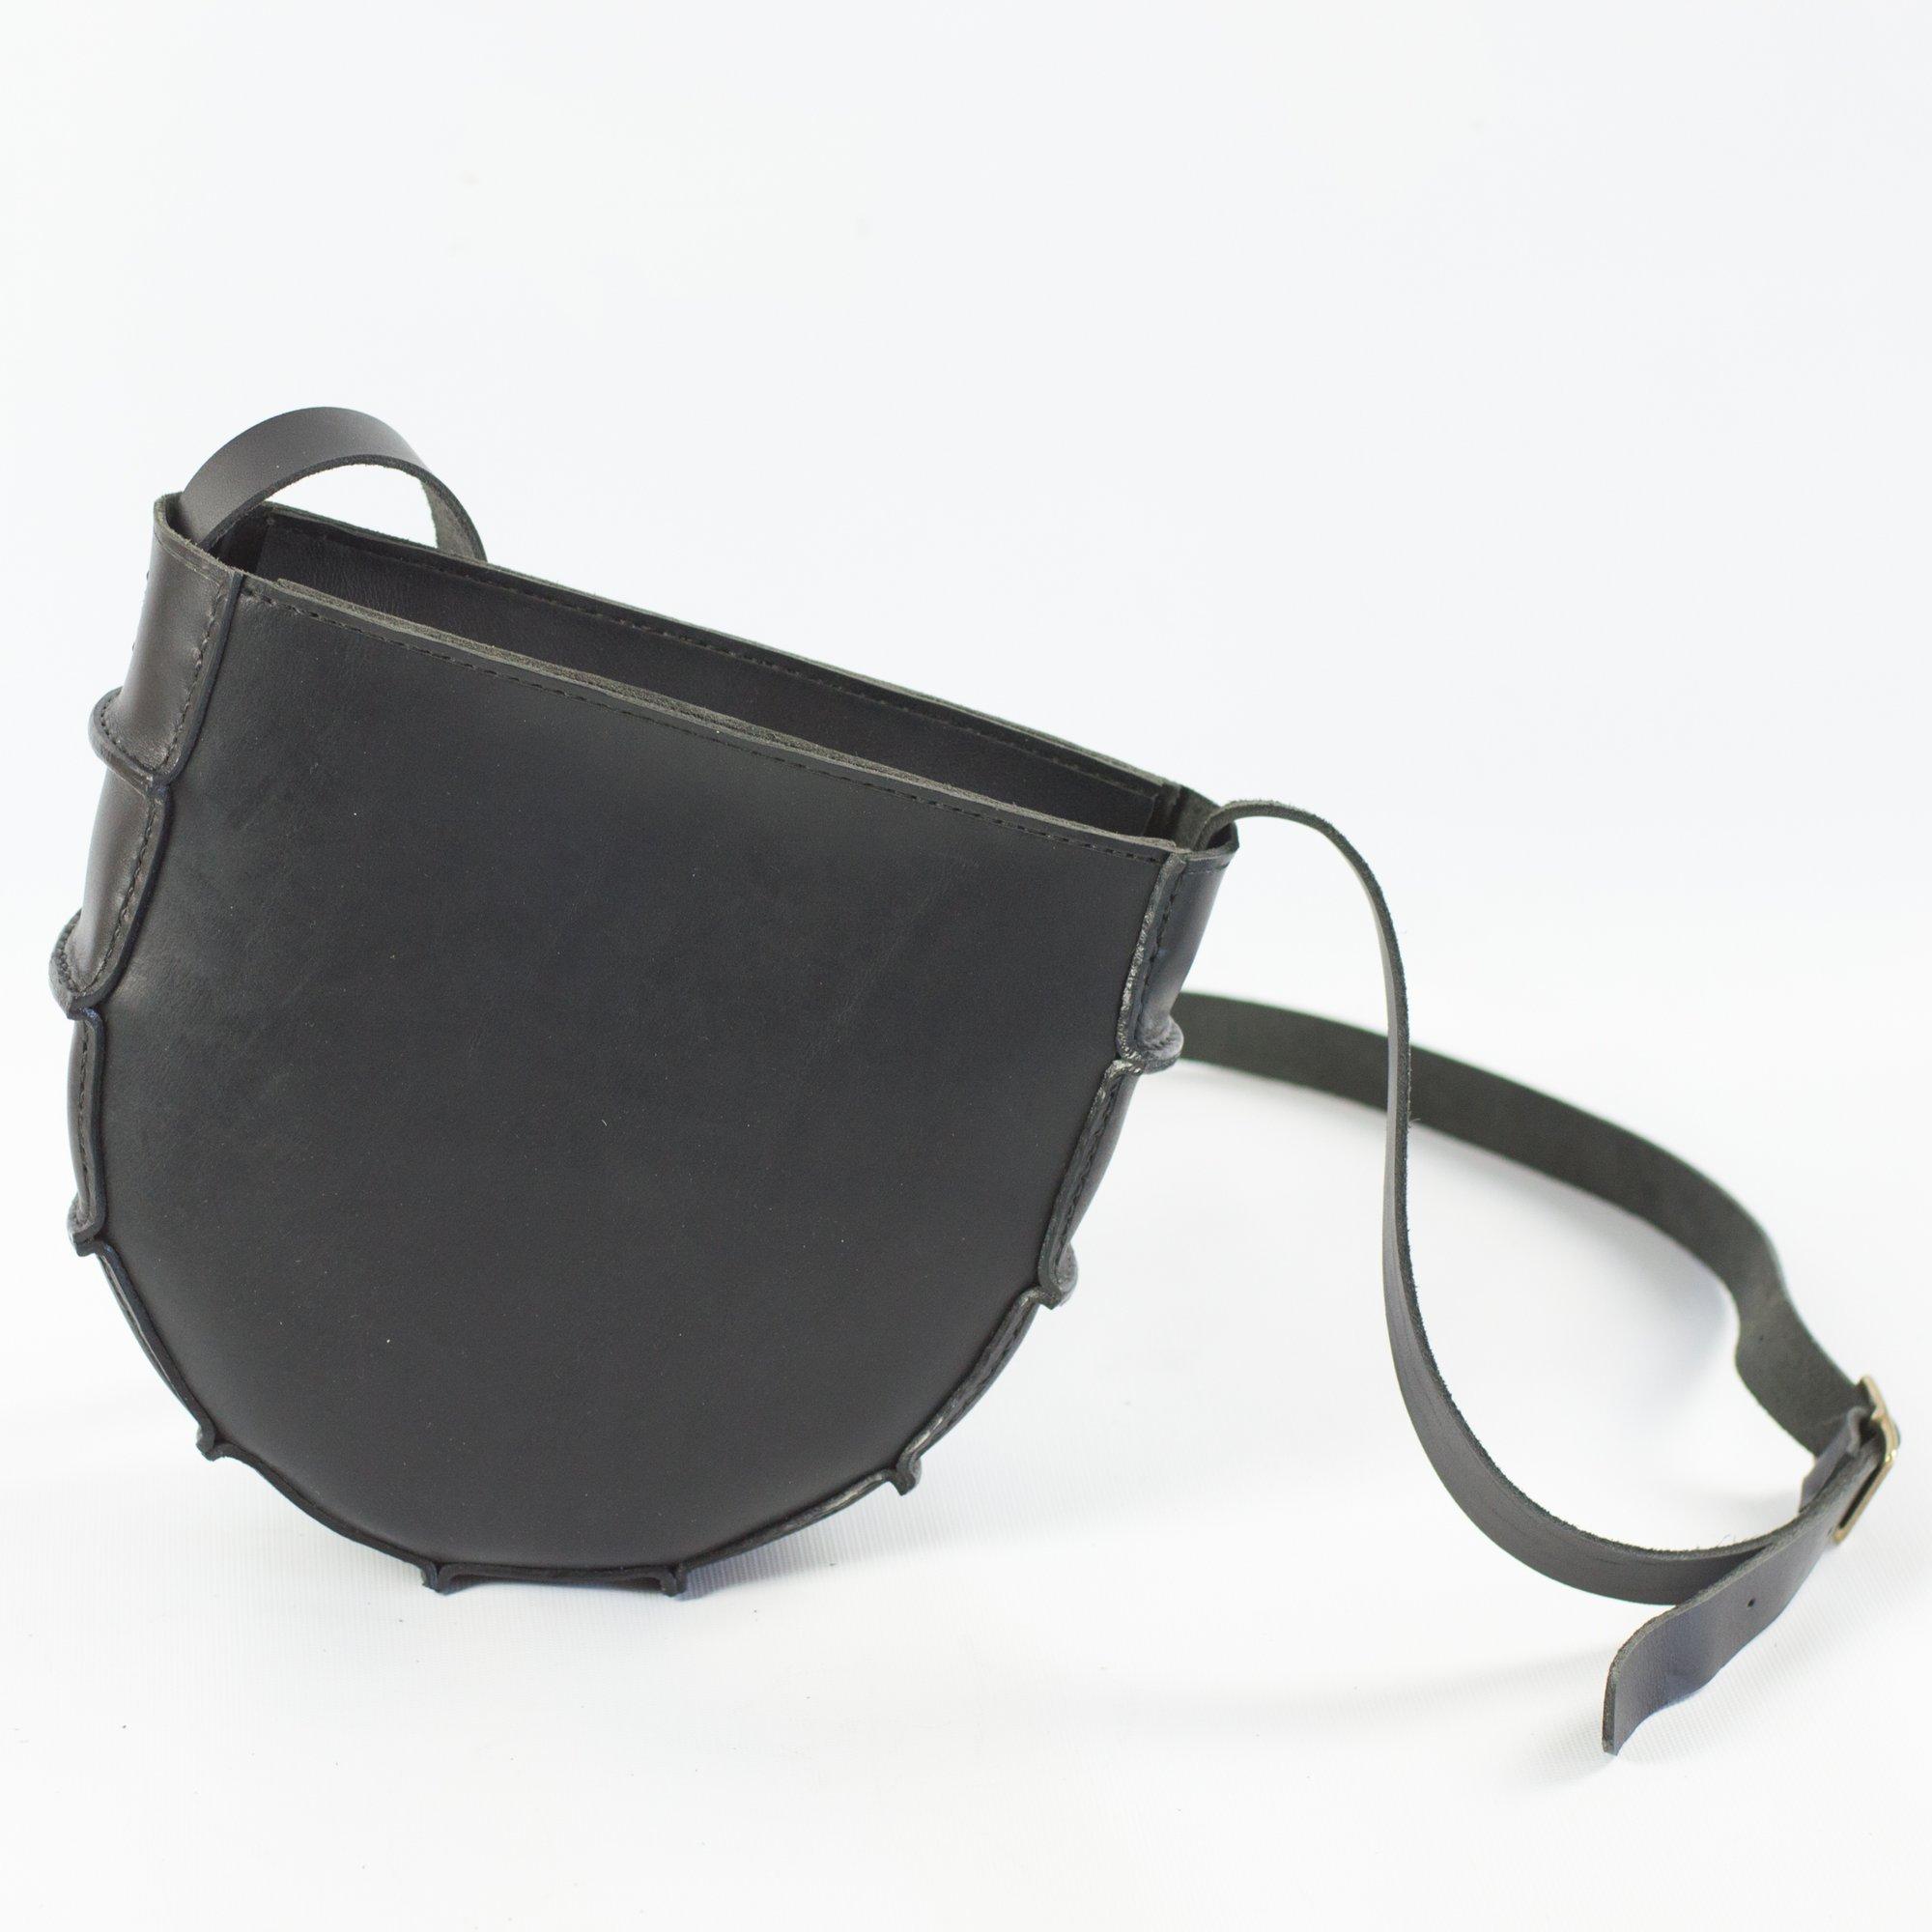 Image of Leather Shoulder Bag